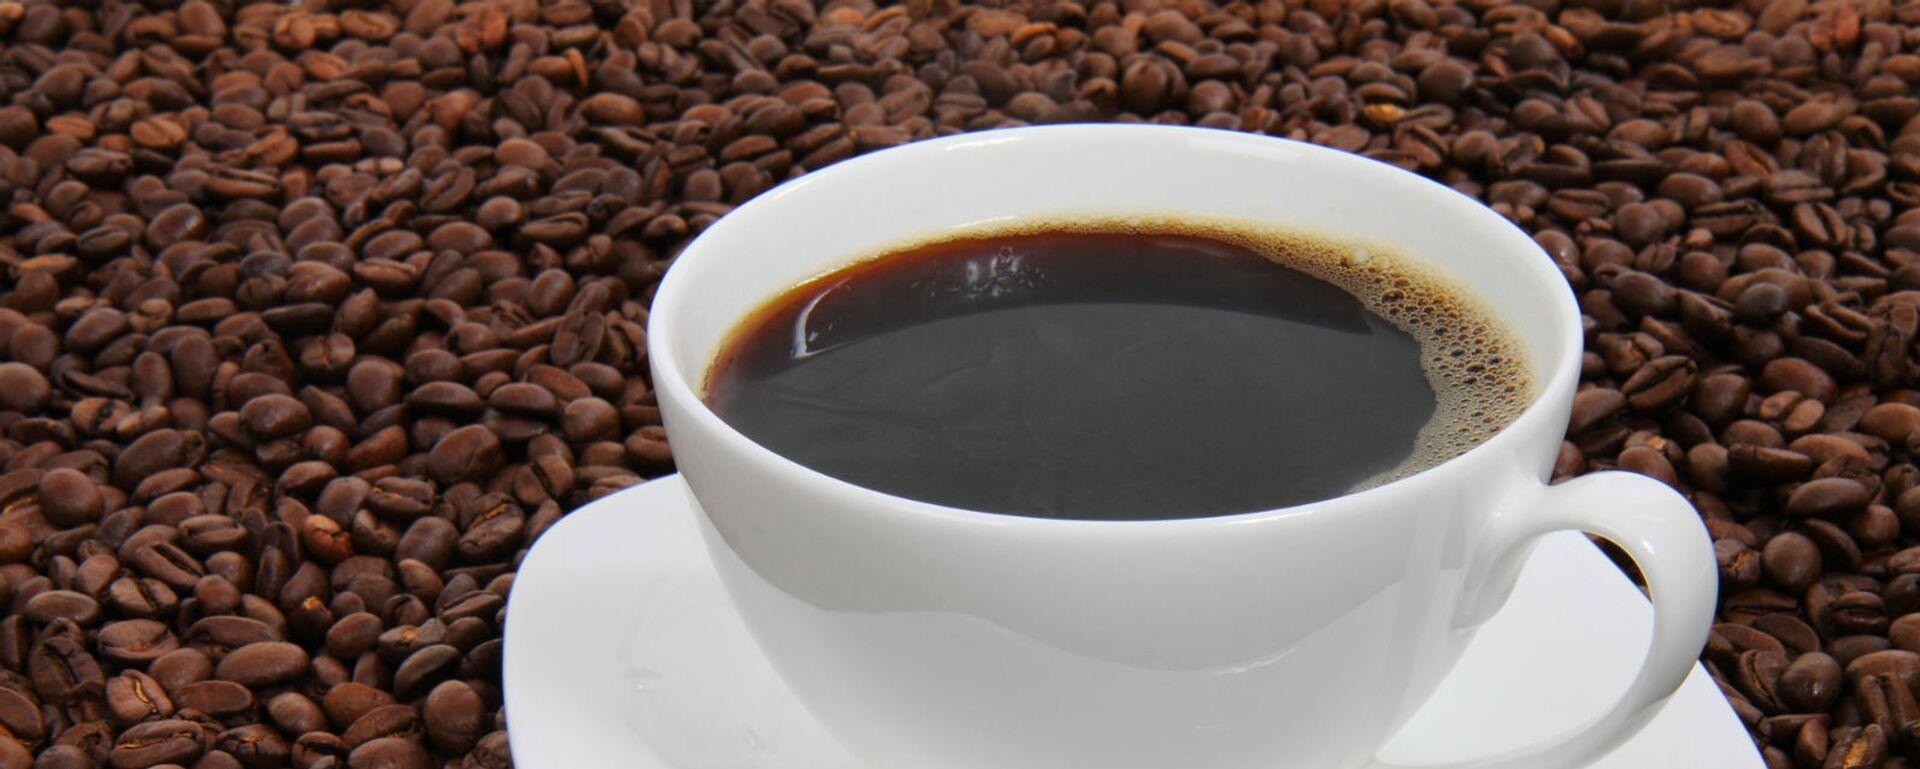 Чашка черного кофе на фоне кофейных зерен - Sputnik Армения, 1920, 19.05.2021